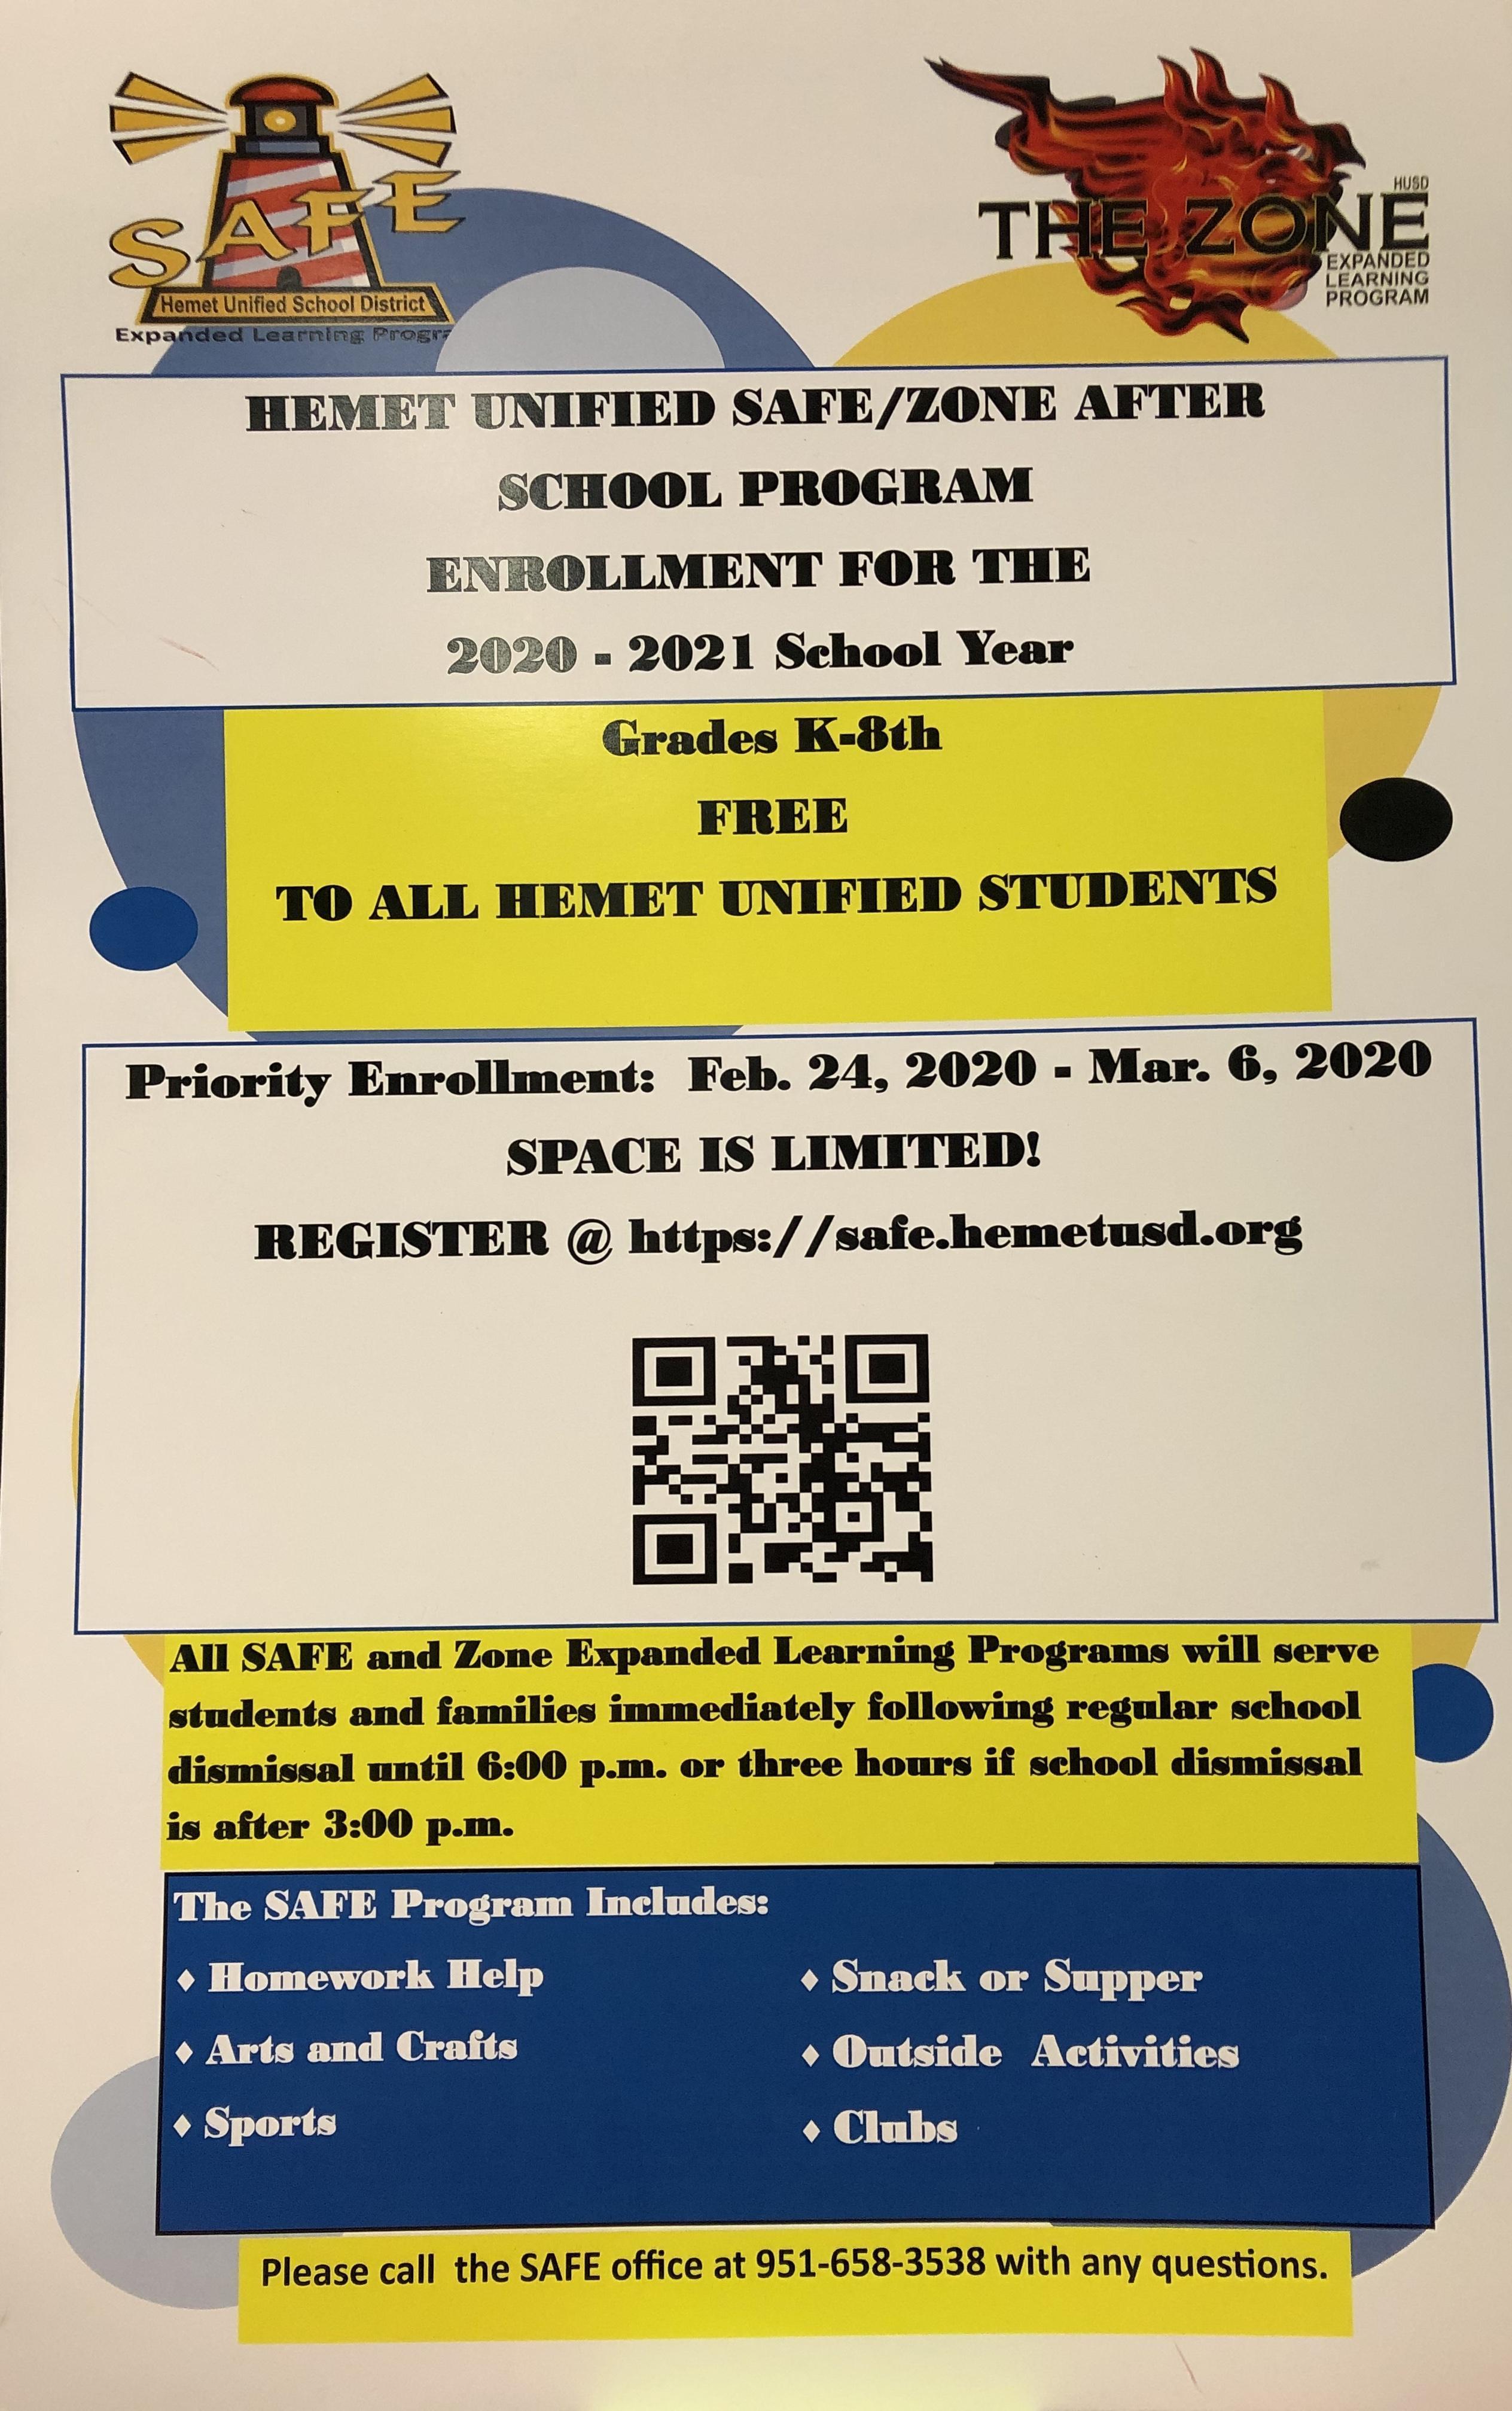 QR Code for Quick Enrollment